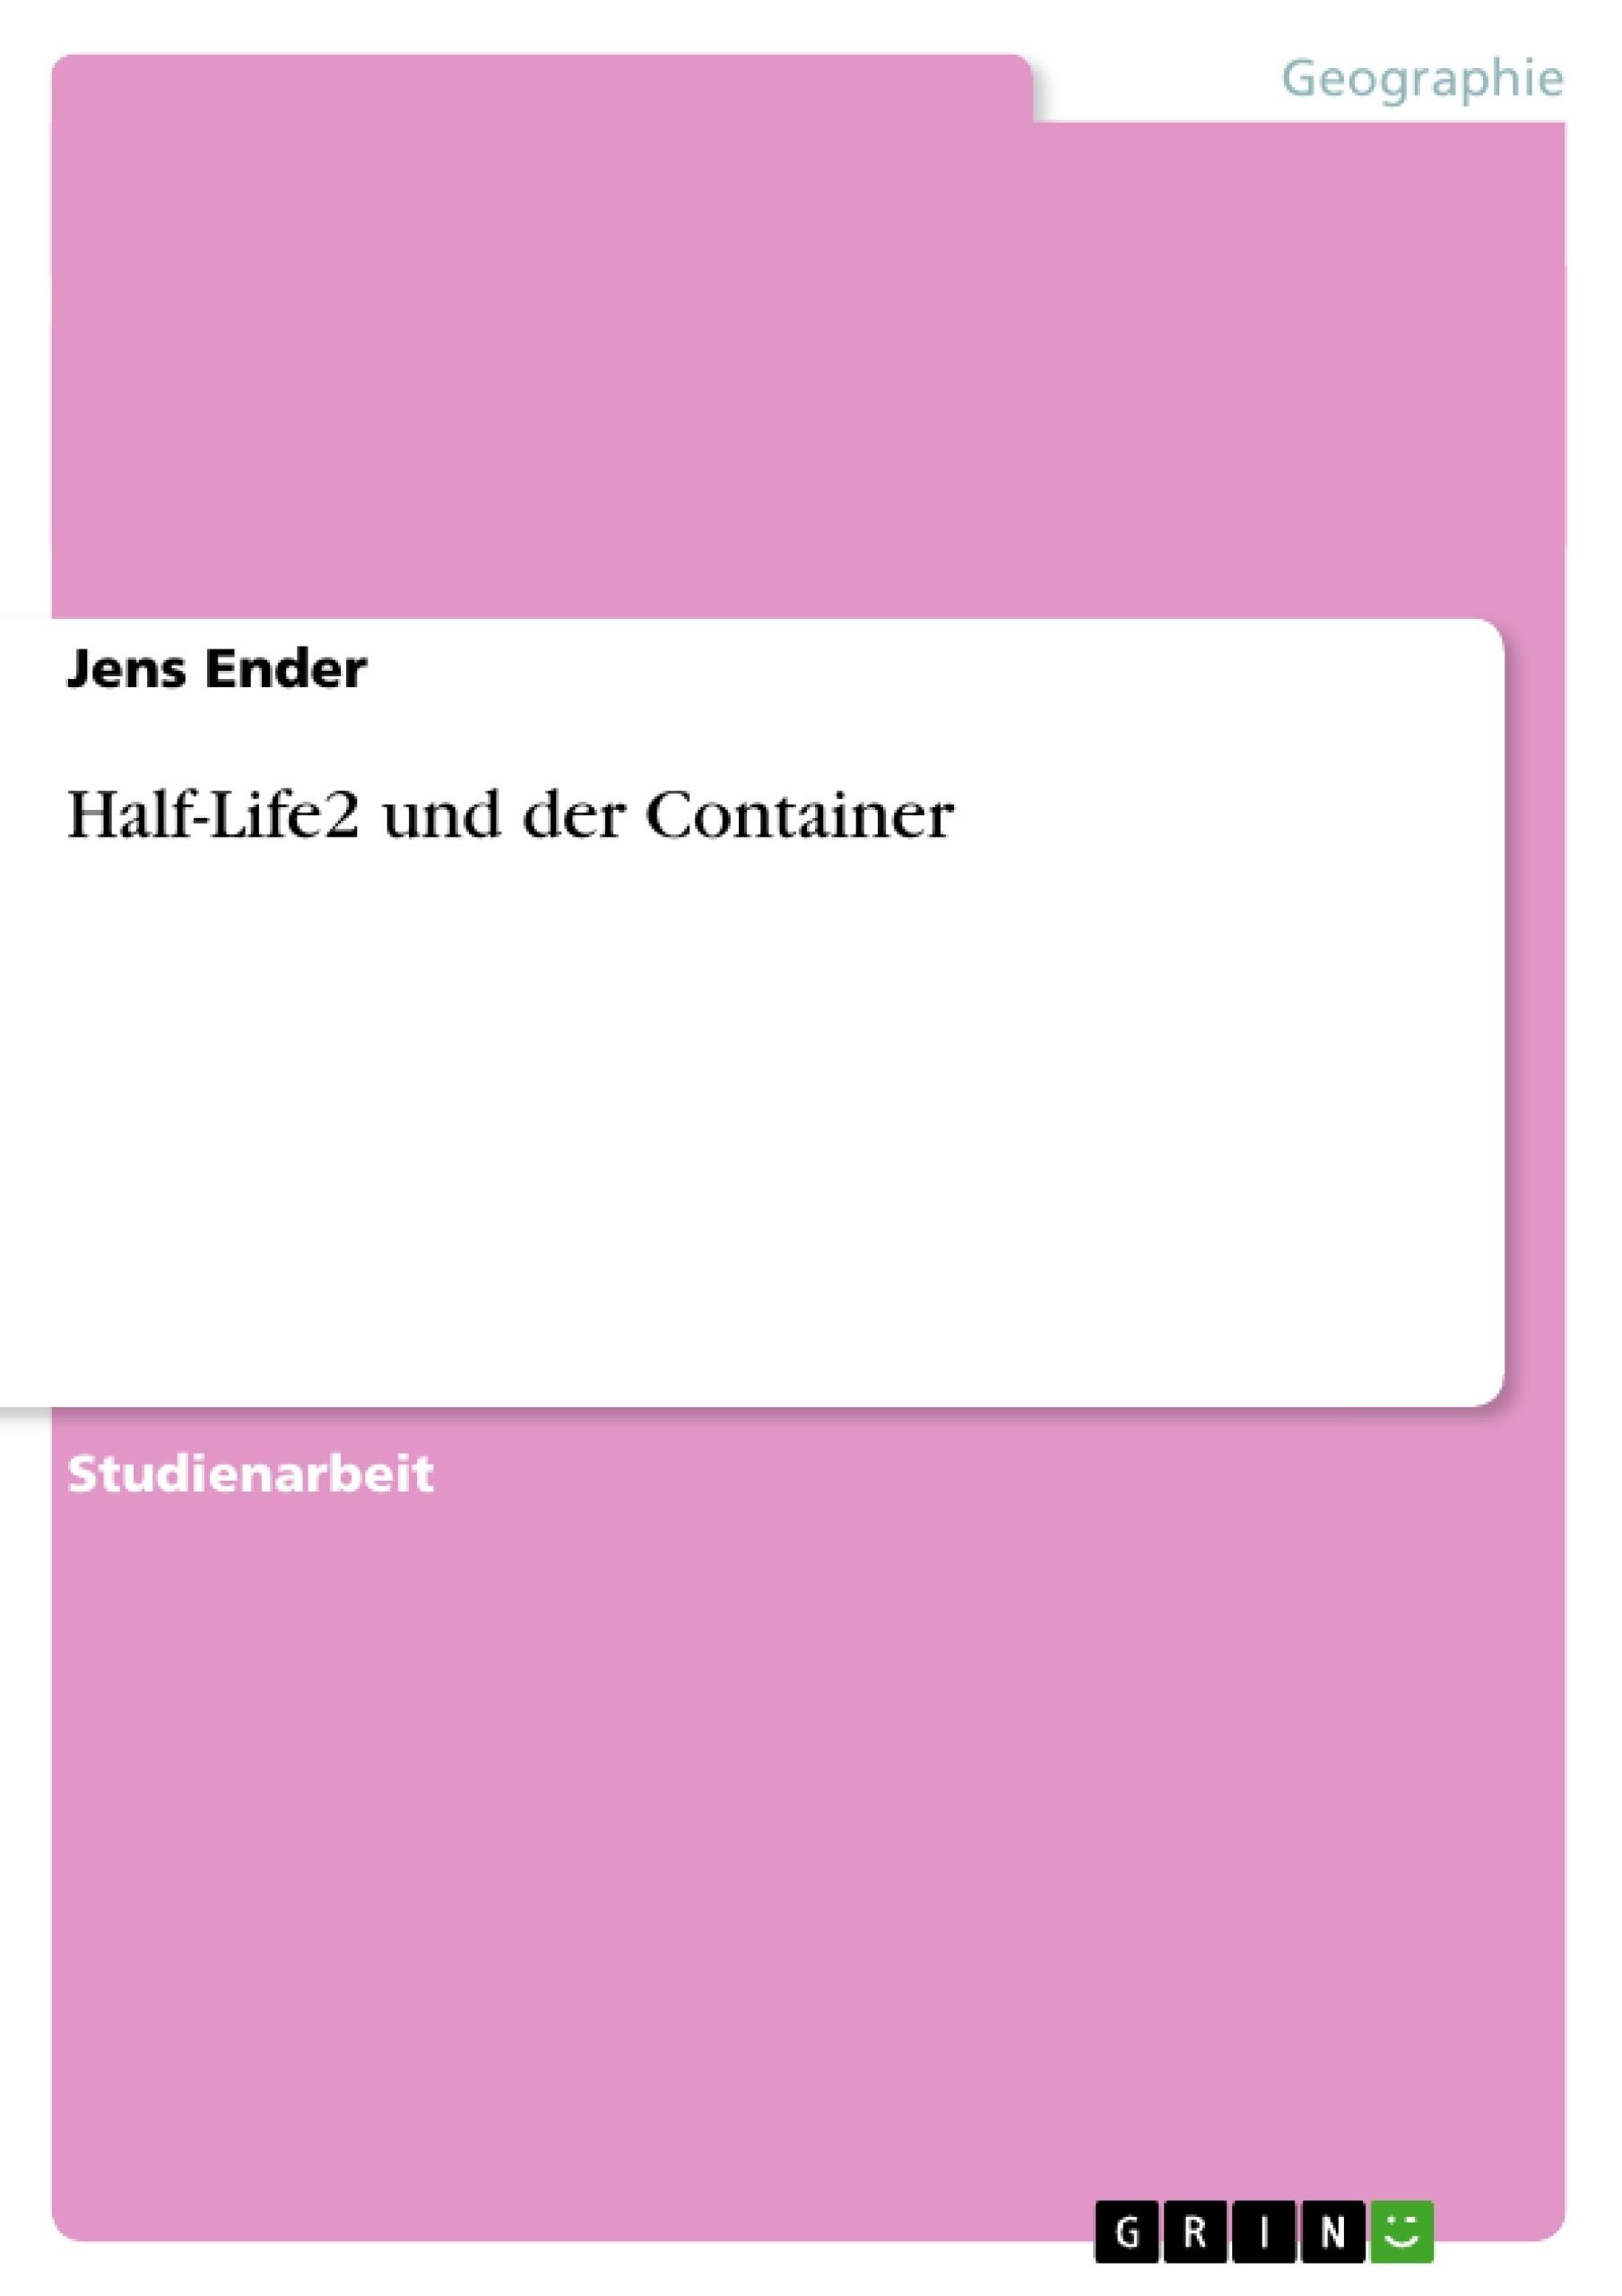 Titel: Half-Life2 und der Container